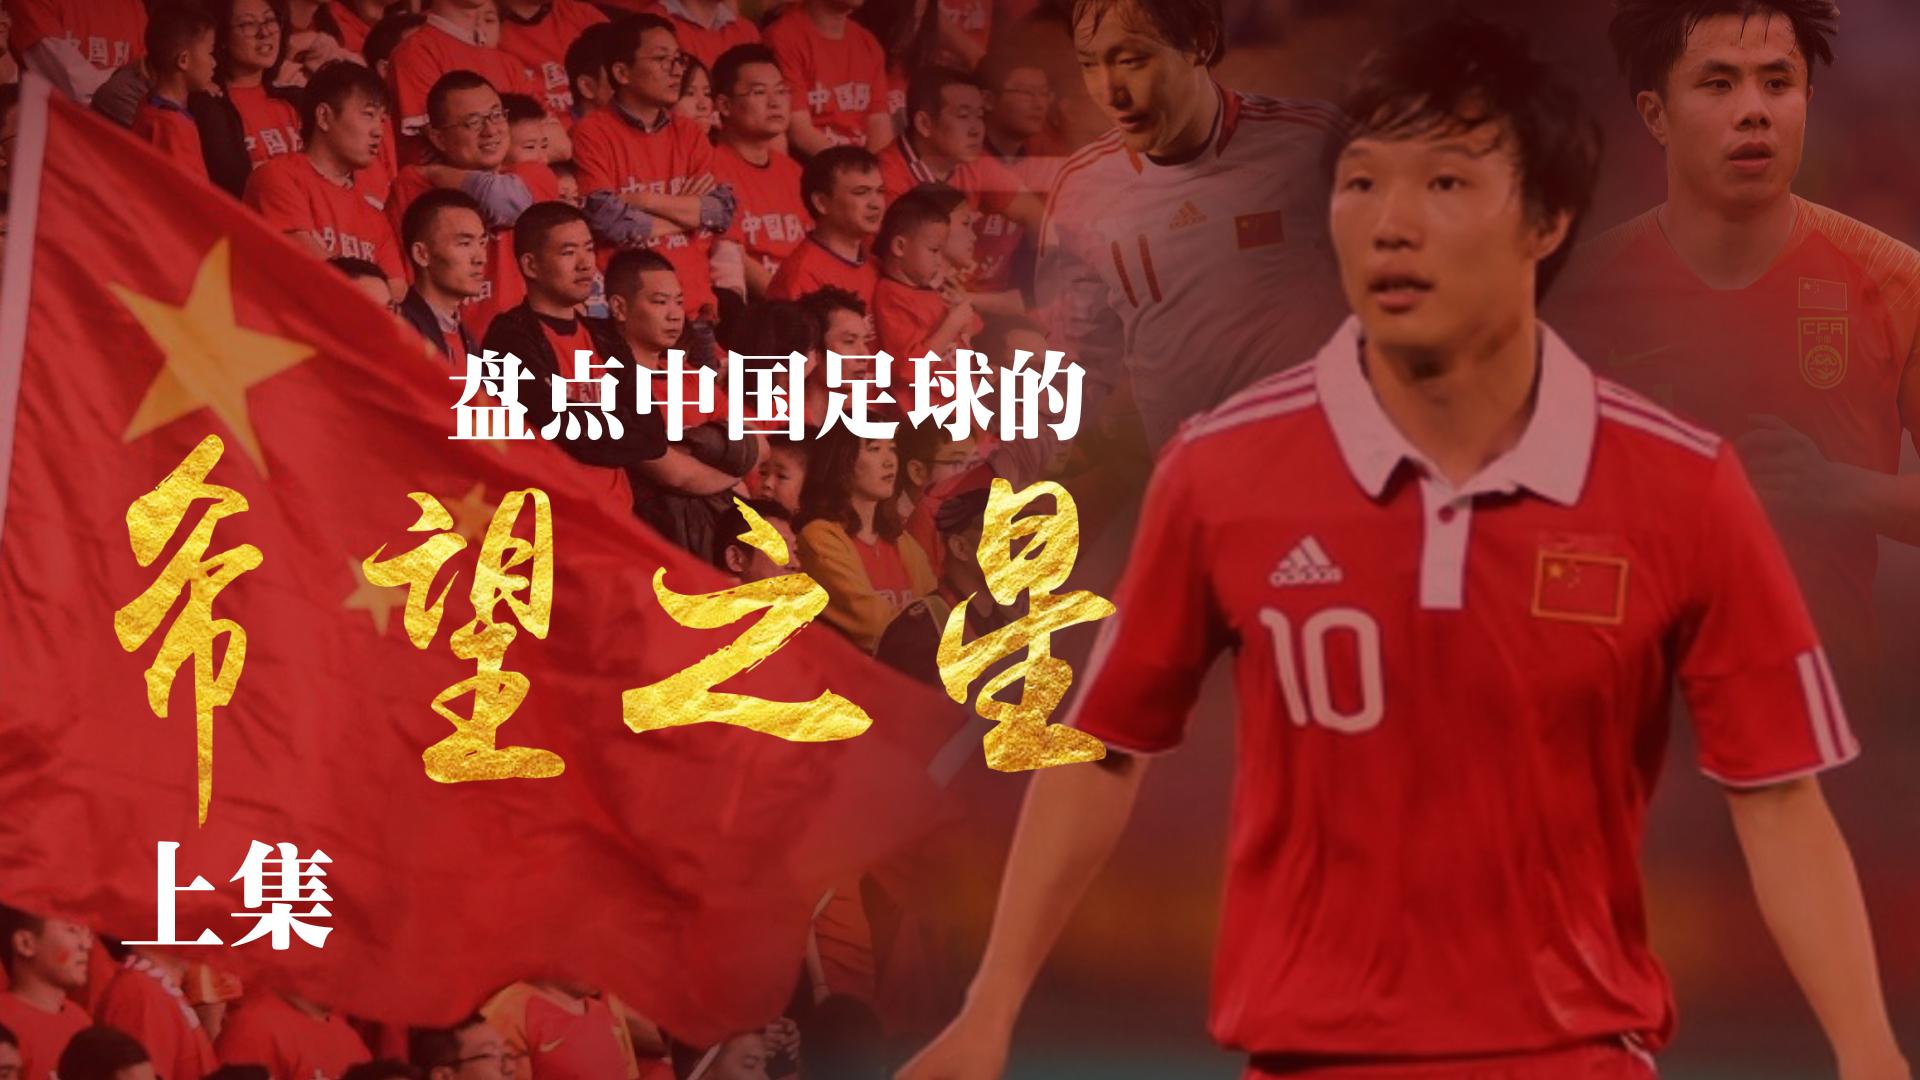 【巅峰足谈】他们也曾闪耀!盘点中国足坛的那些希望之星(上集)